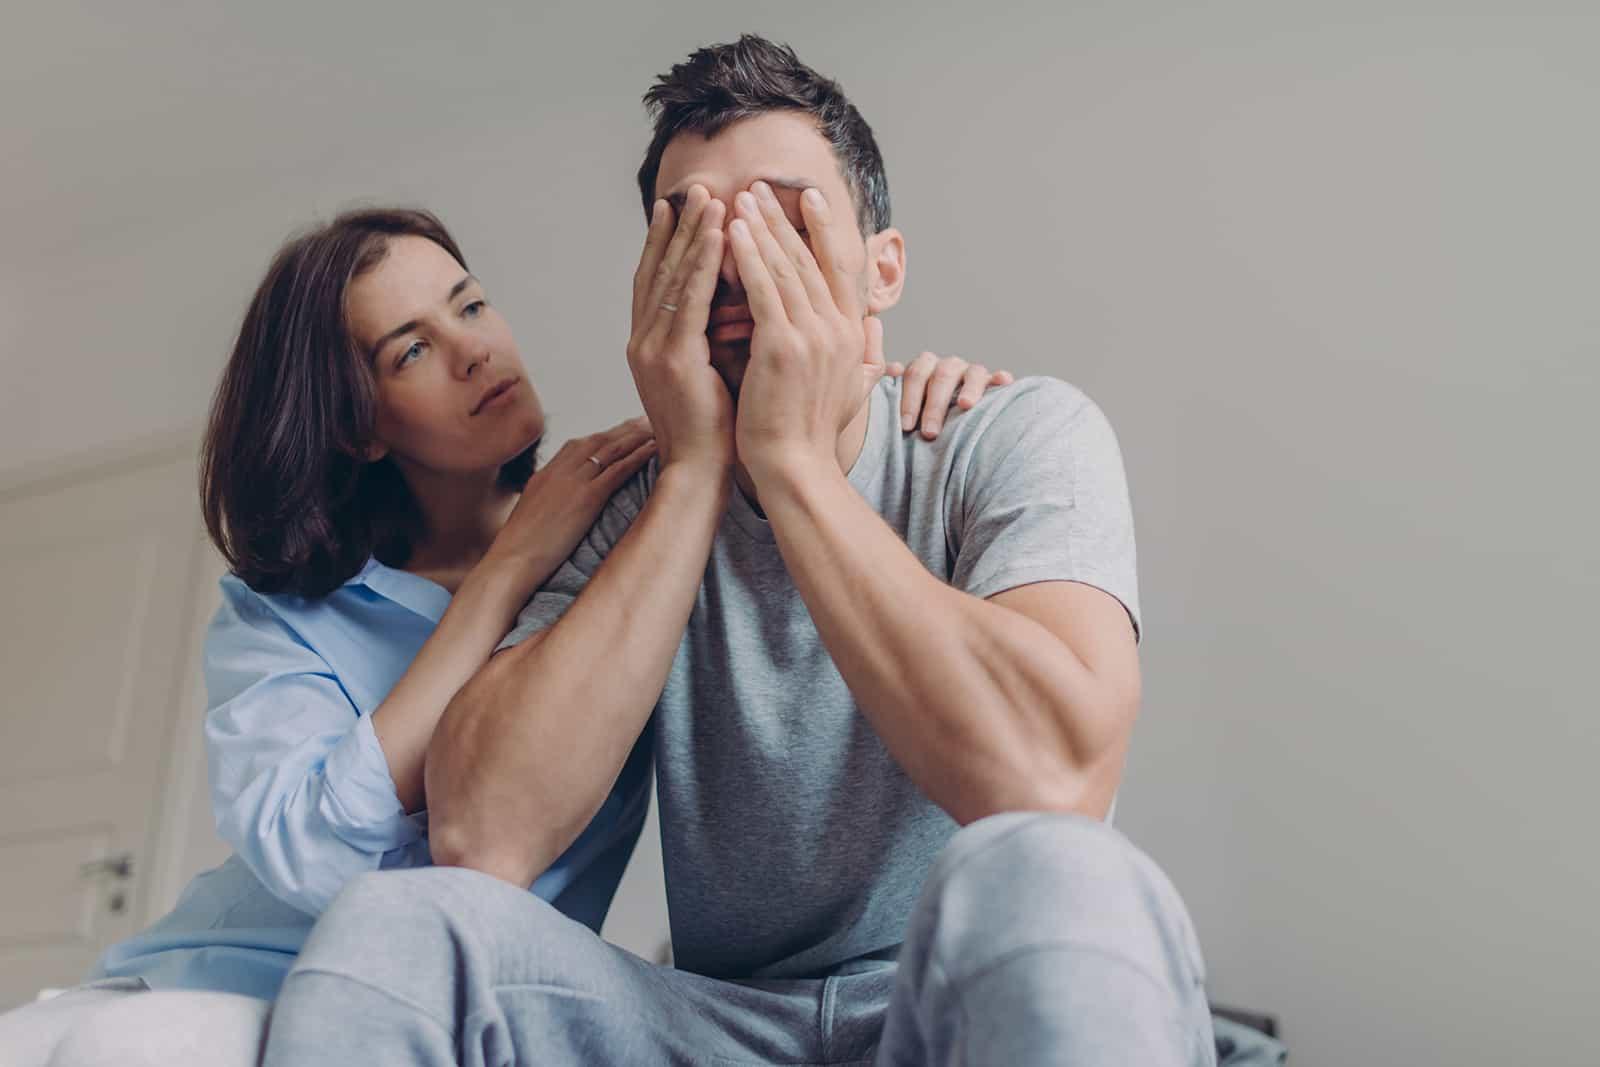 Angst Vor Beziehung Kann Man Überwinden - Diese 6 Tipps